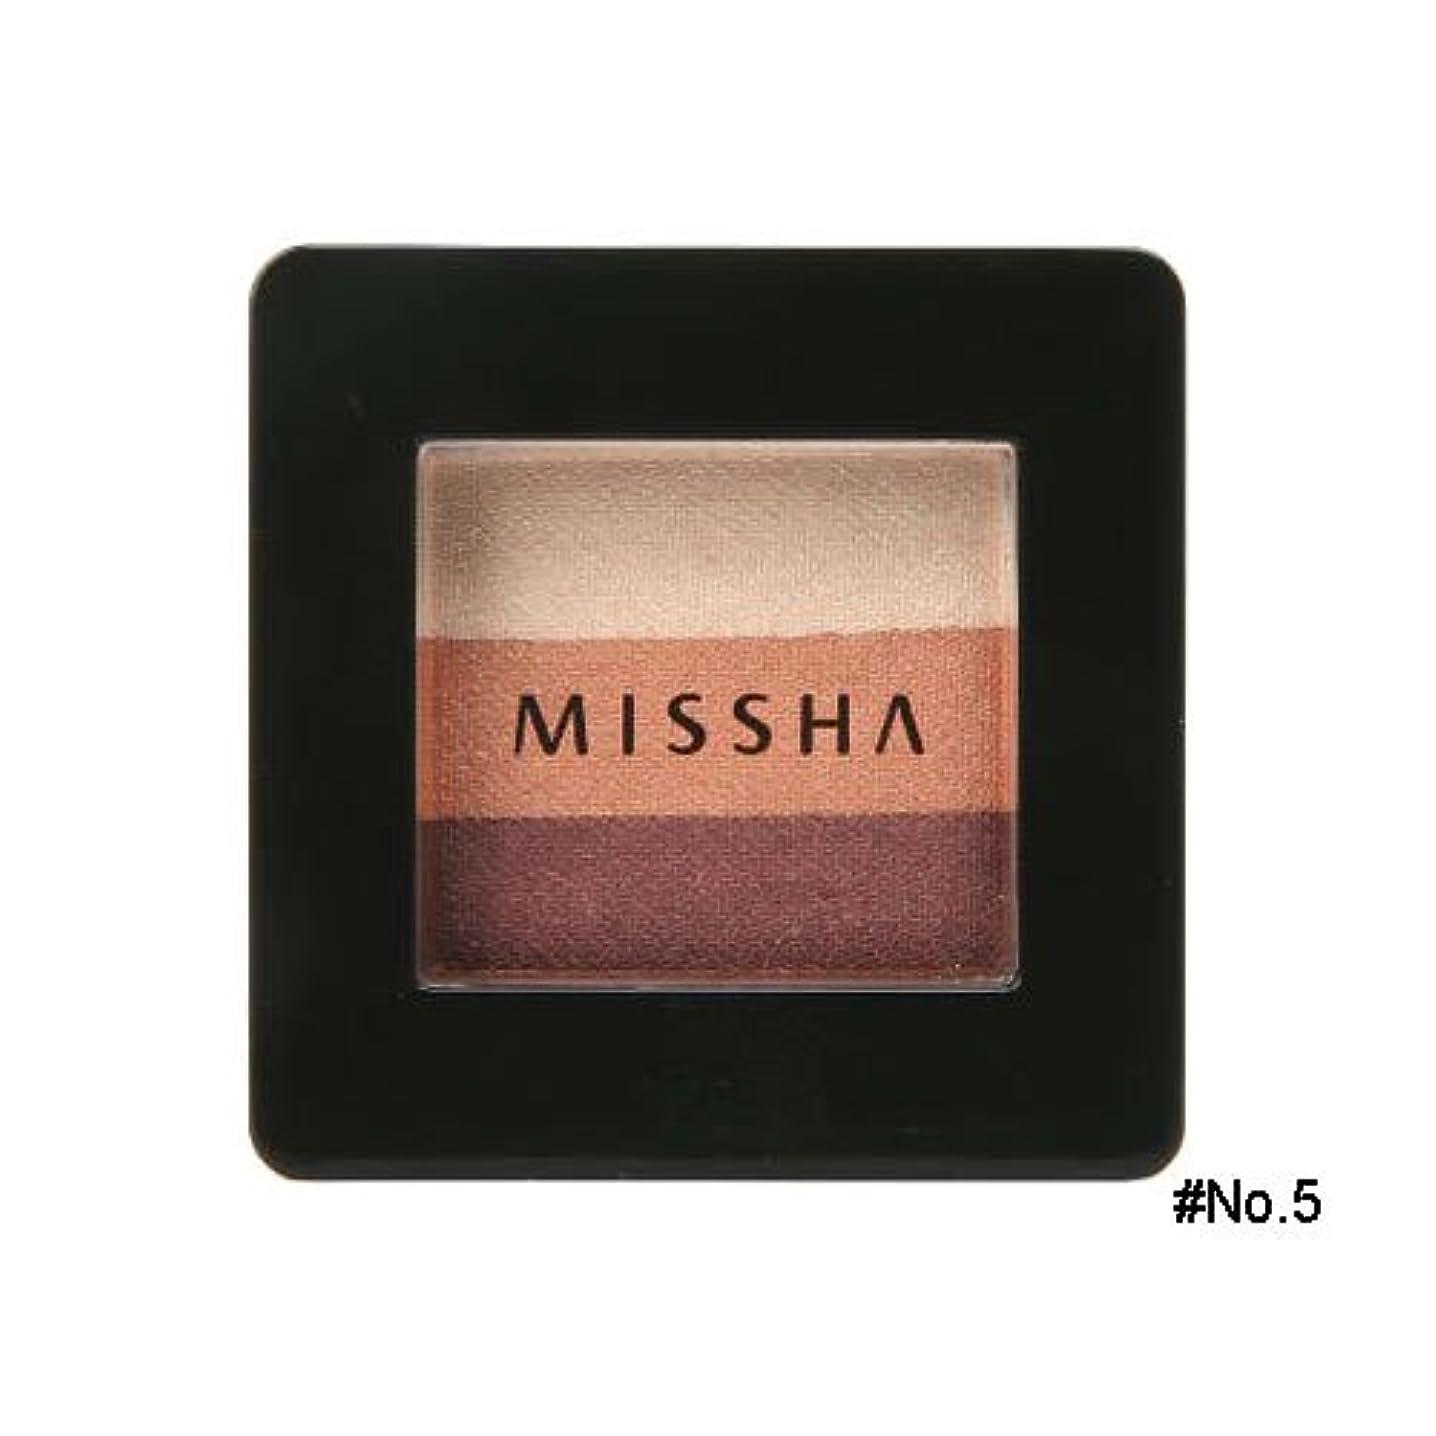 仕立て屋成果ローズミシャ(MISSHA) トリプルシャドウ 2g No.5(ビンテージプラム) [並行輸入品]